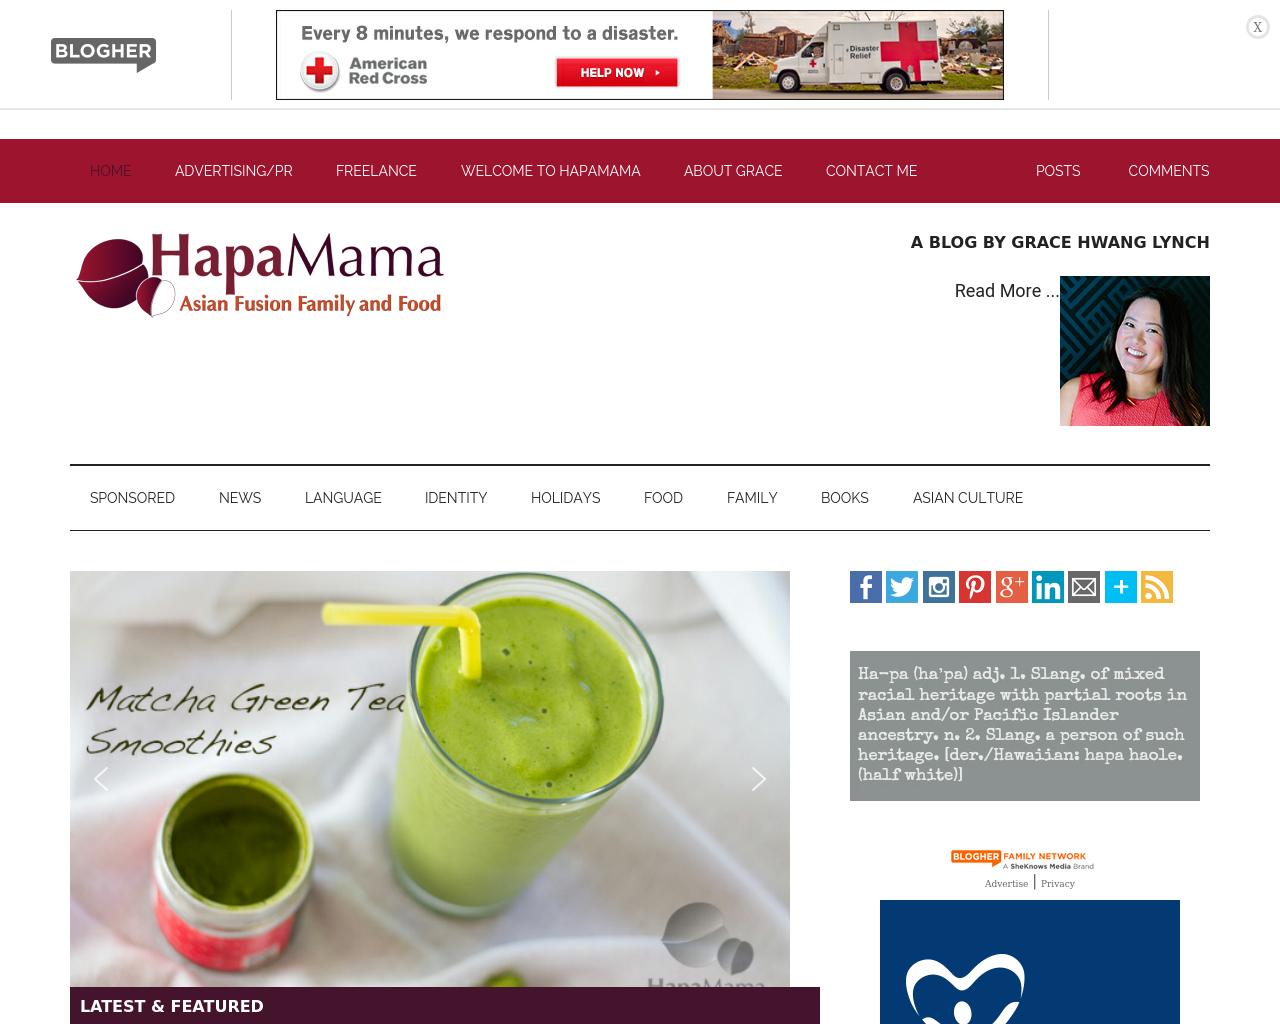 HapaMama-Advertising-Reviews-Pricing